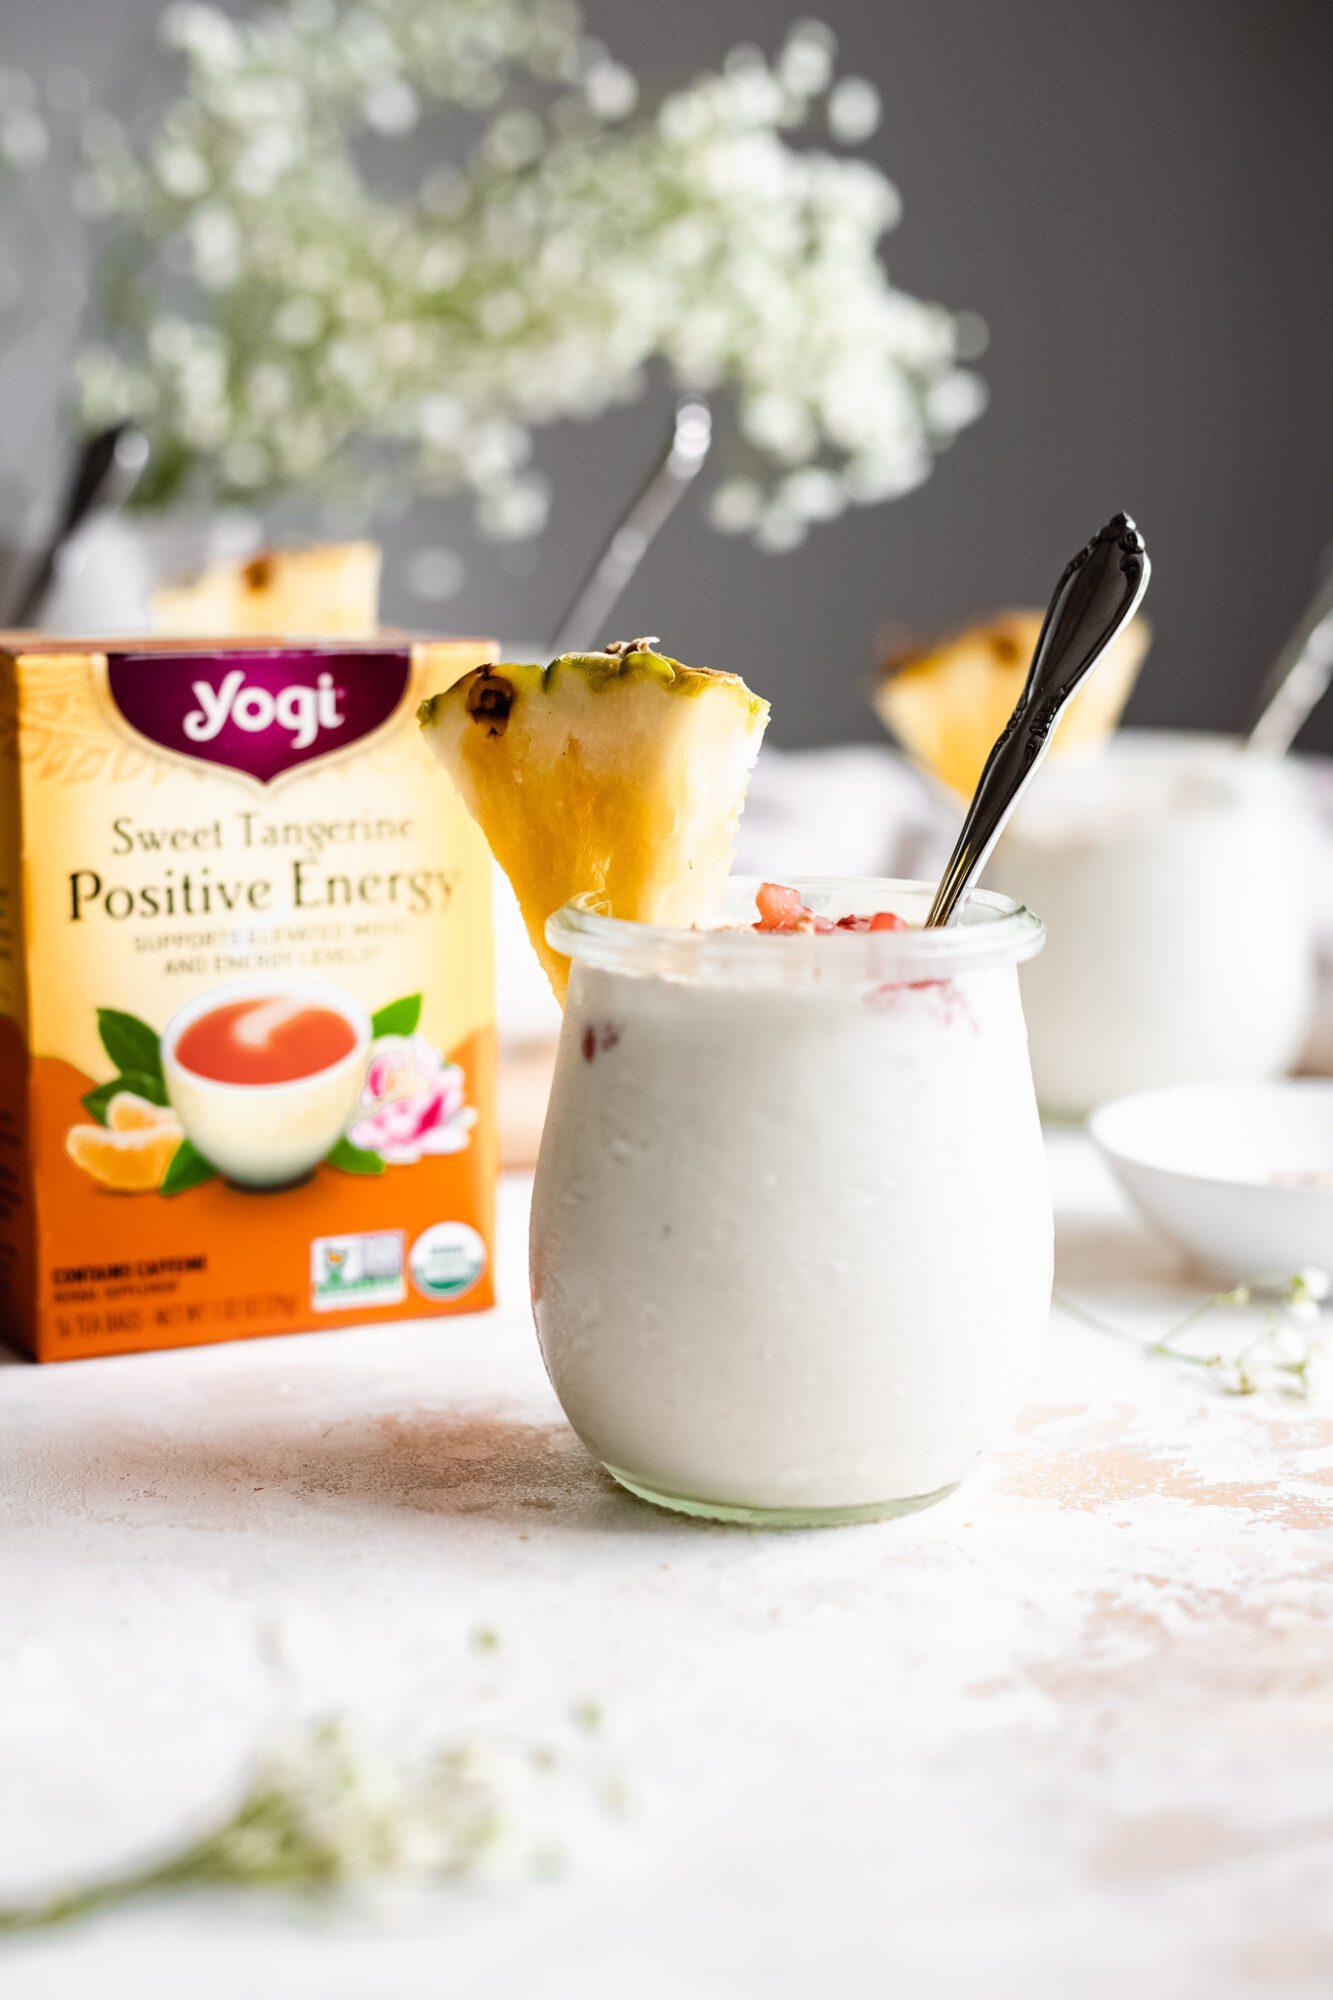 vanilla pudding jar next to yogi tea box